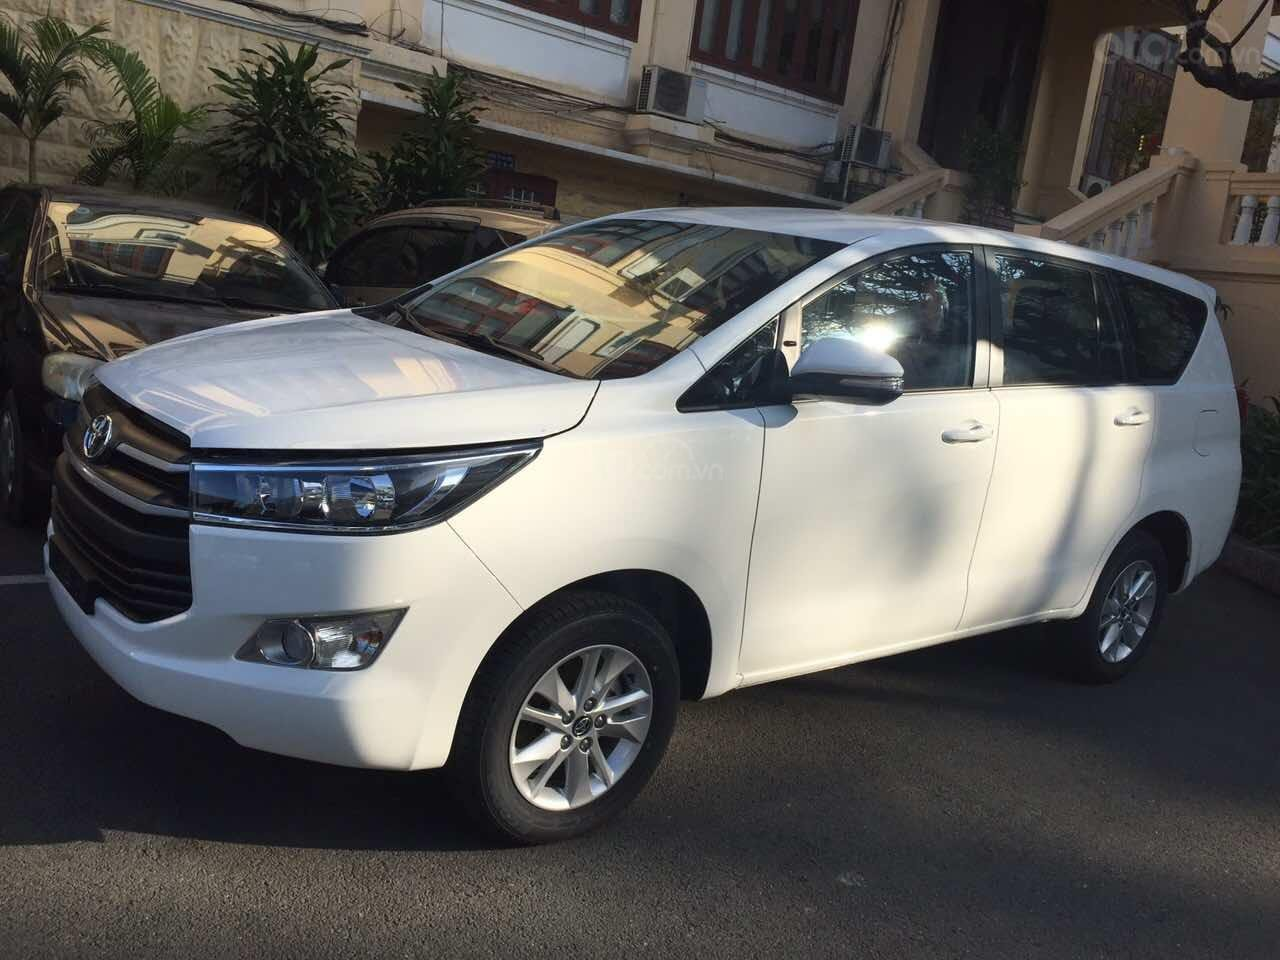 Cần bán xe Toyota Innova 2.0E MT đời 2019, màu trắng giảm tiền mặt, tặng bảo hiểm, DVD, camera, hộp đen-1